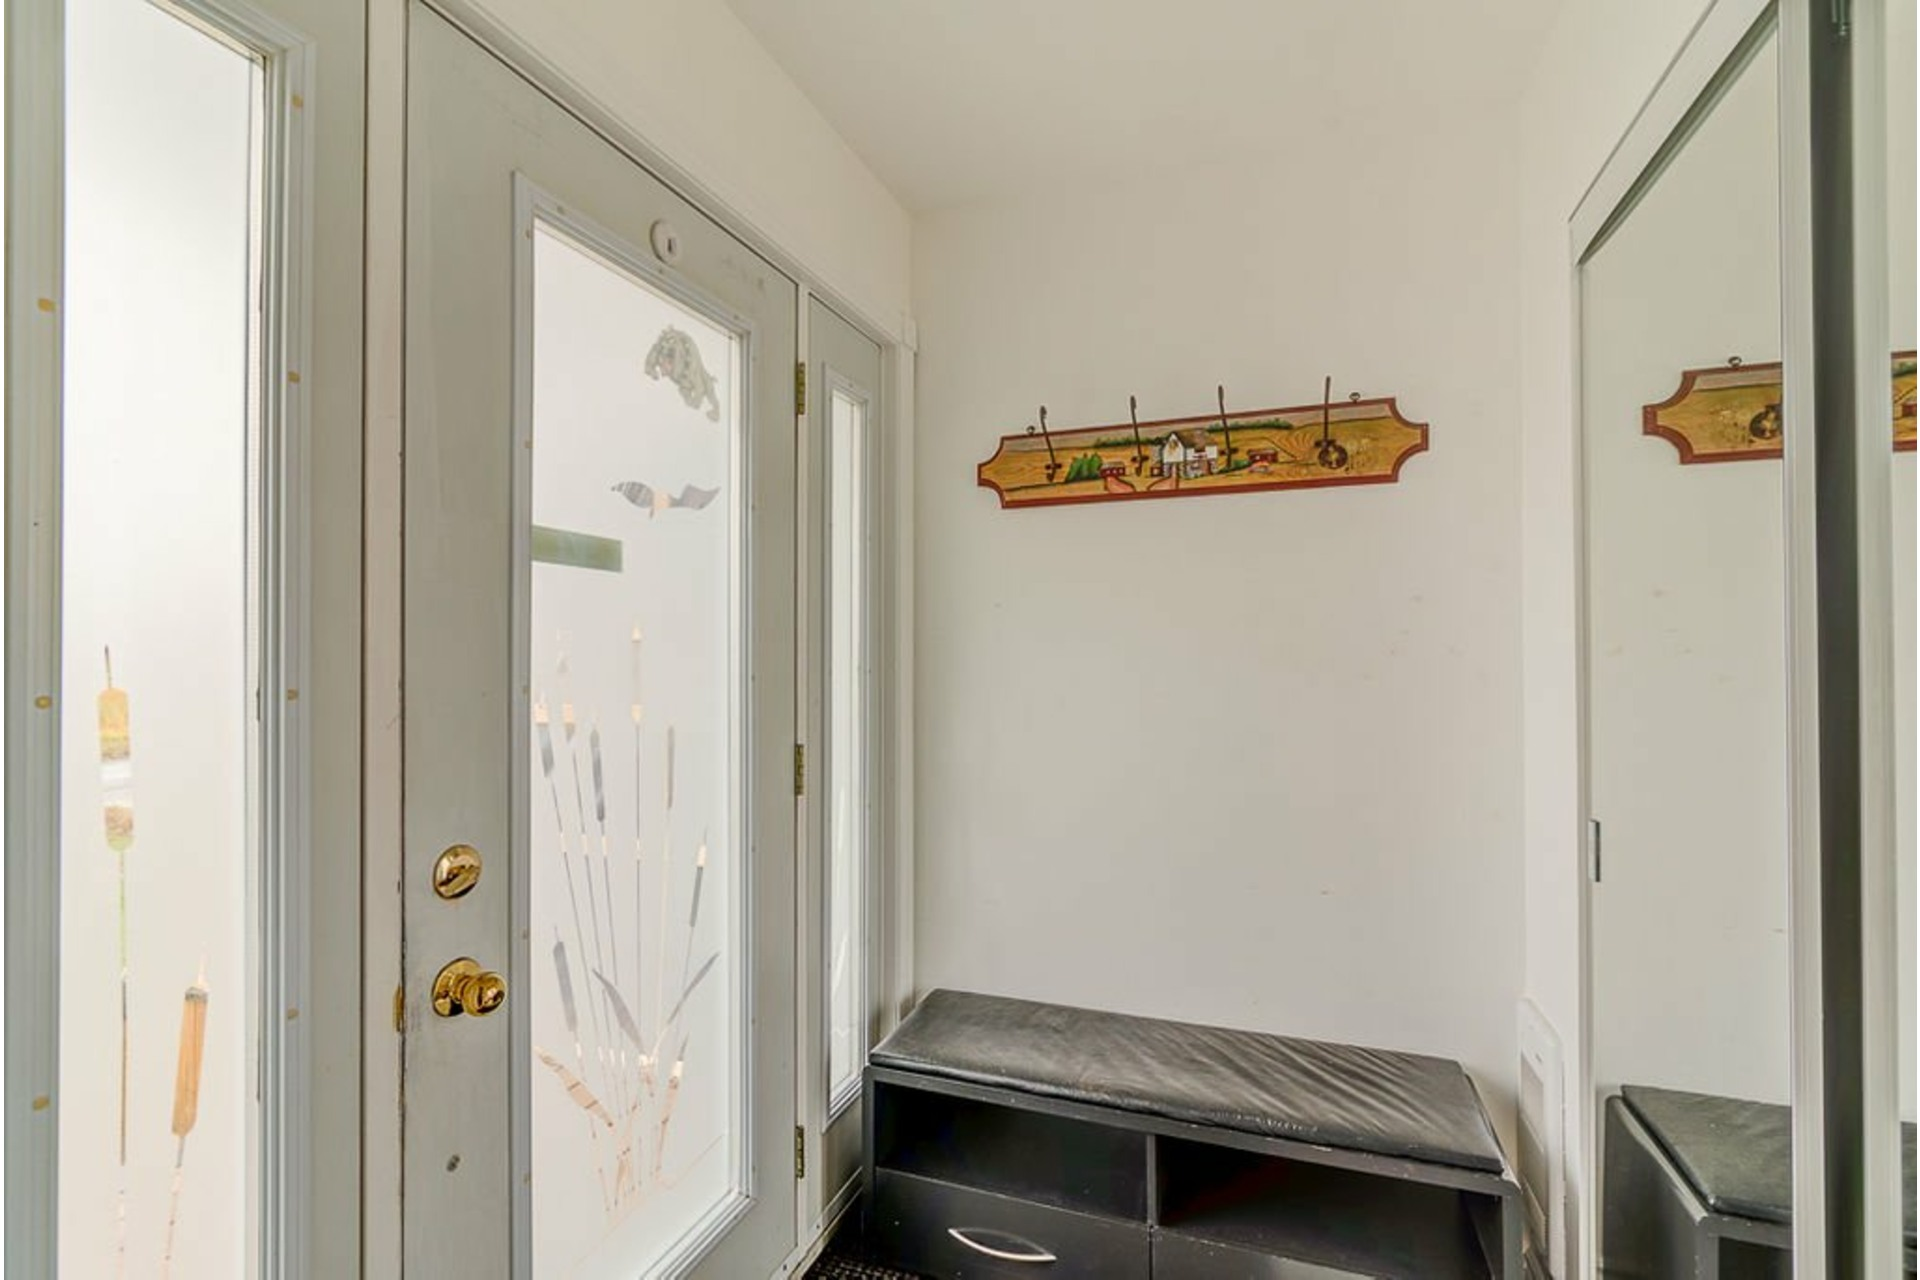 image 2 - Maison À vendre Saint-Lin/Laurentides - 7 pièces